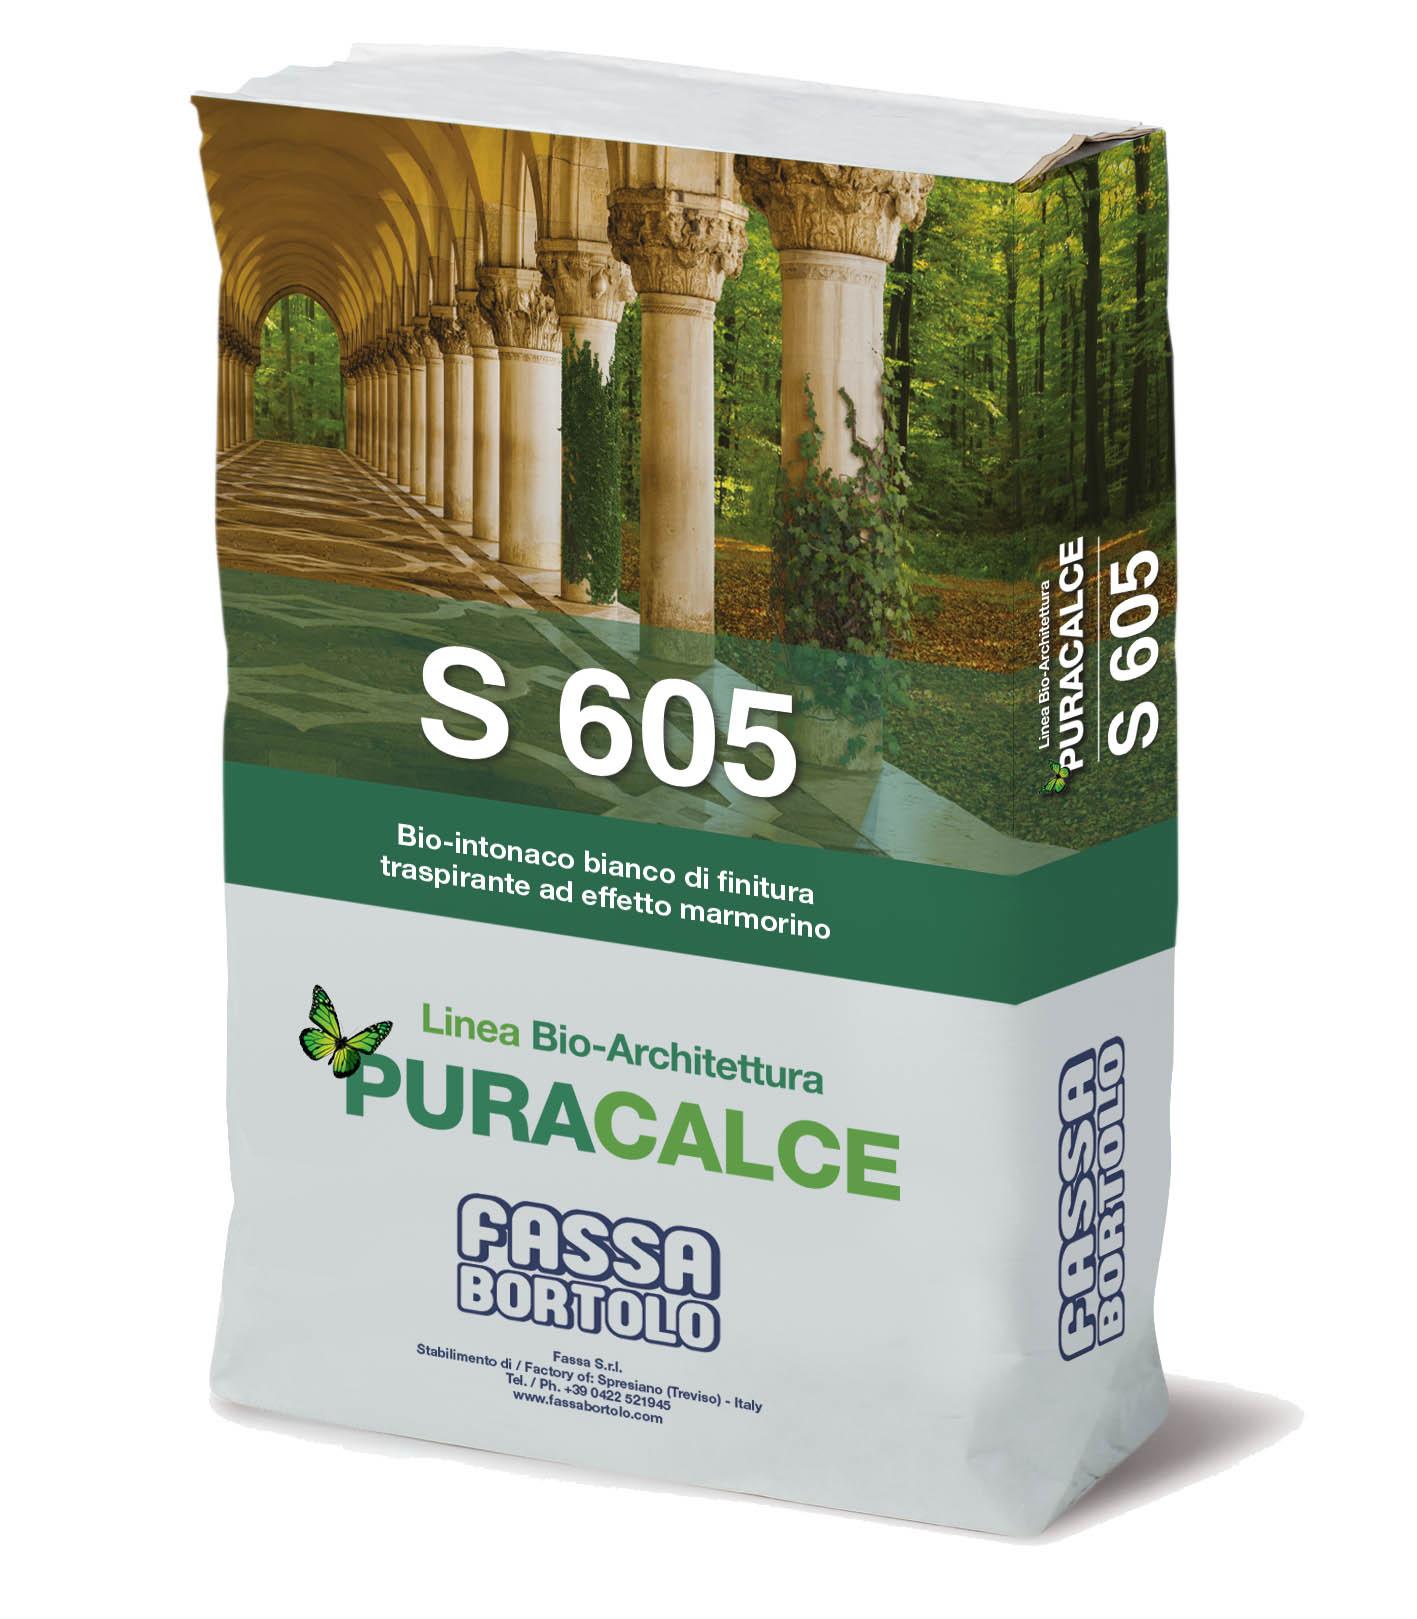 S 605: Bio-intonaco di finitura bianco, traspirante ad effetto marmorino per interni ed esterni